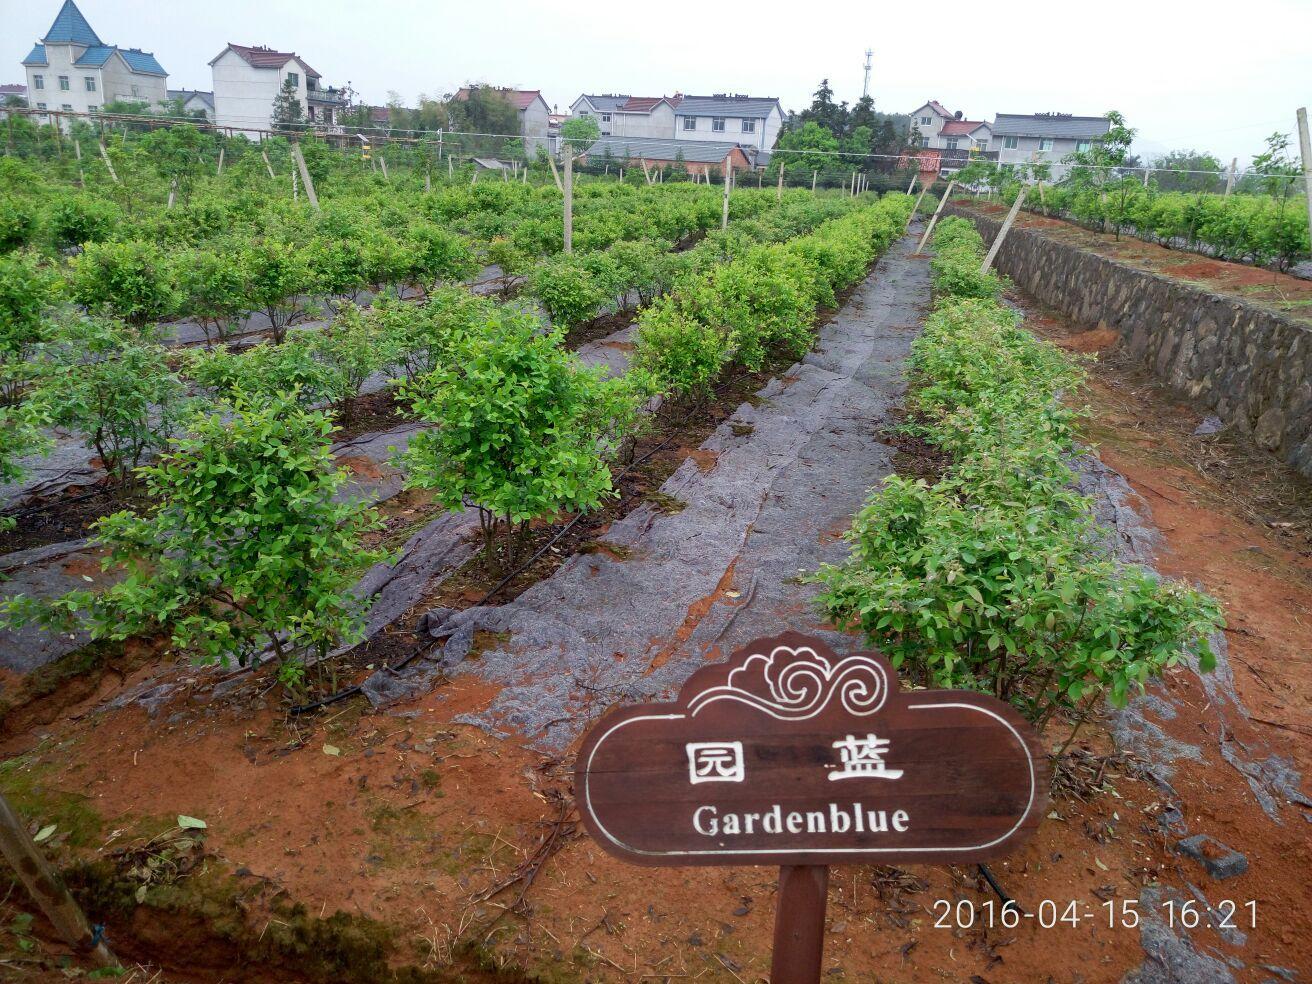 纯天然野生蓝莓,种植基地山清水秀